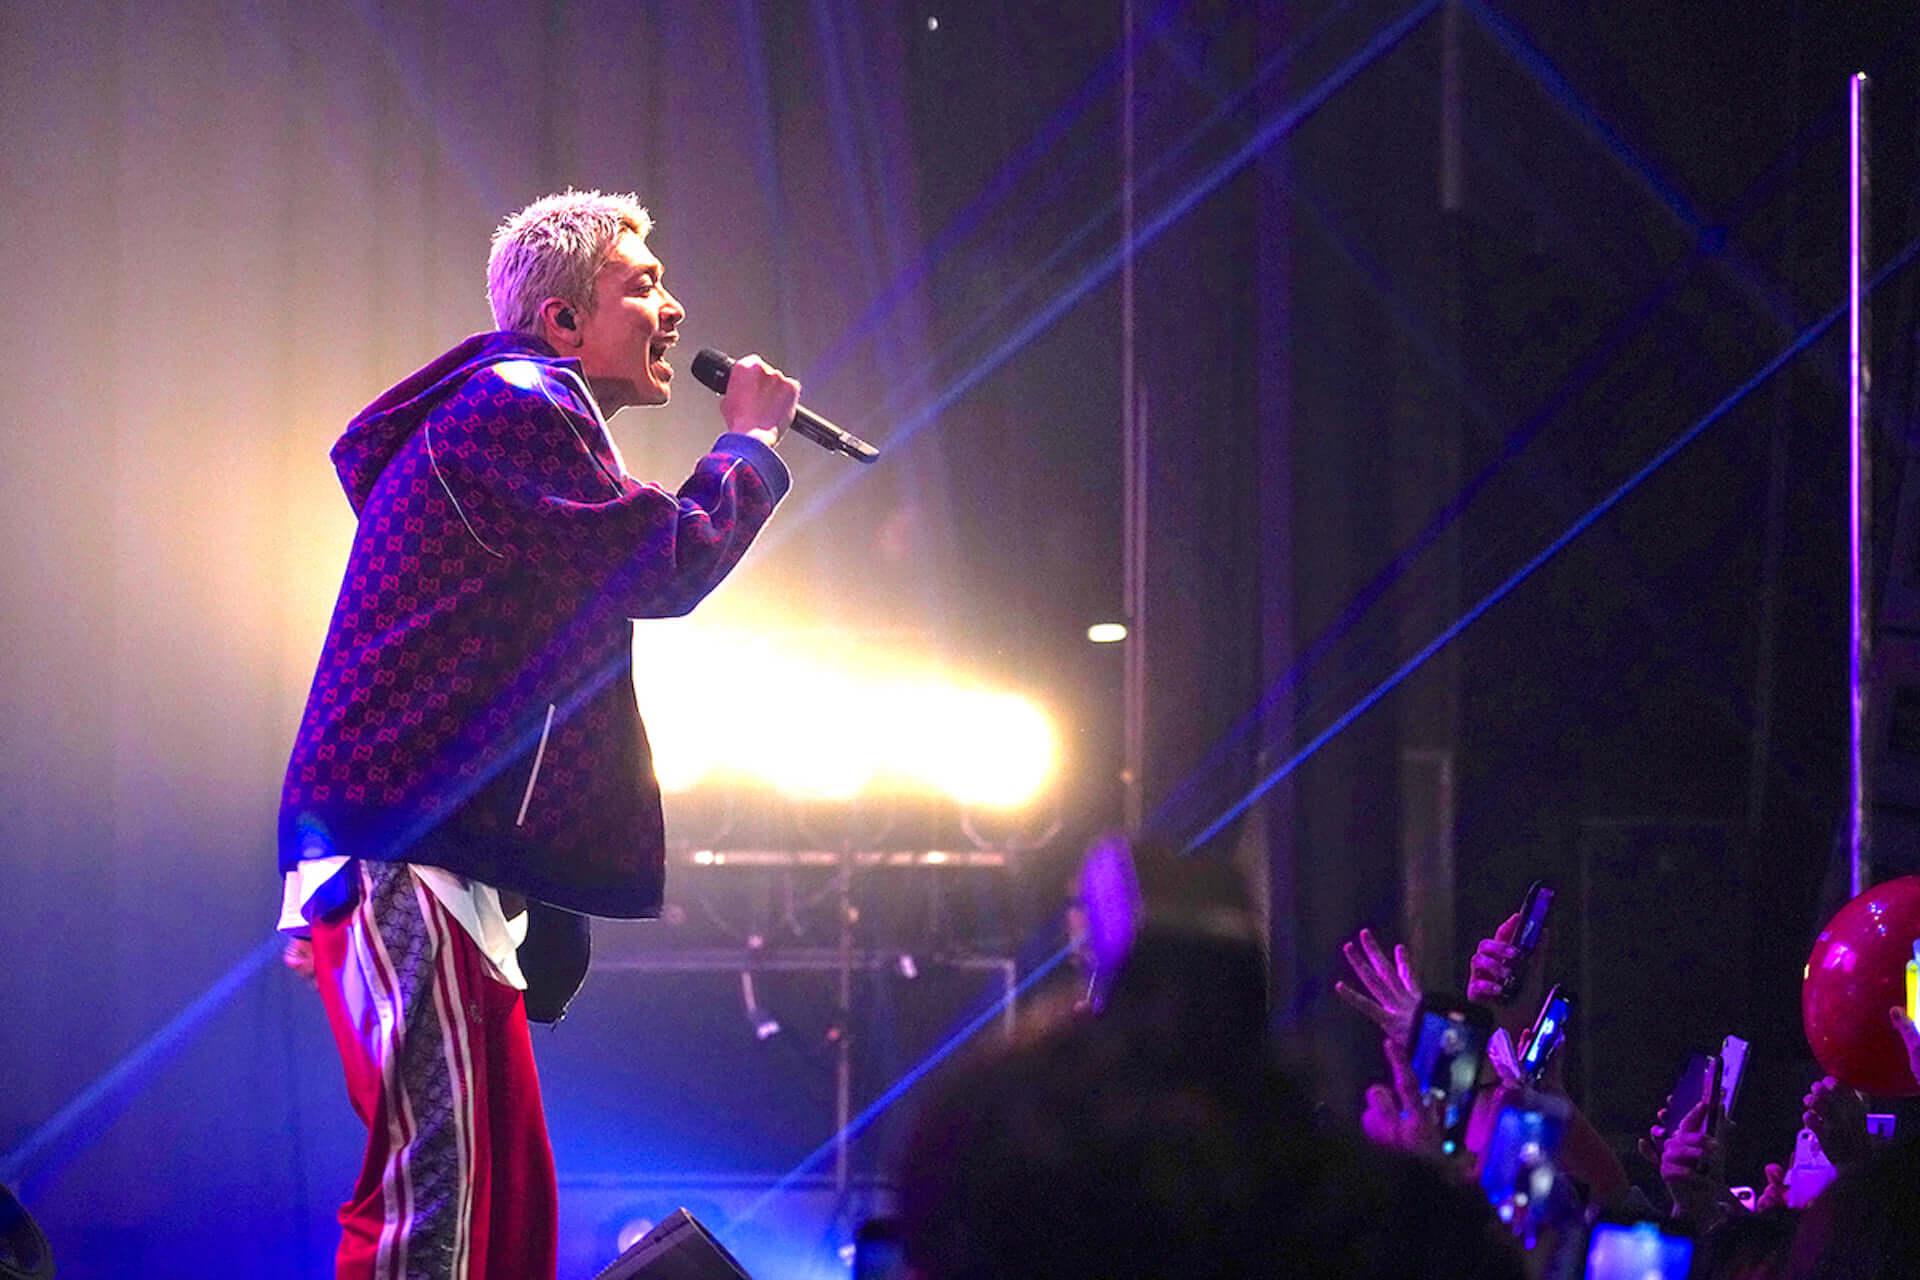 3,000人が出会う一夜!りんごちゃん、t-Ace等々出演のsagami original presents<SABISHINBO NIGHT 2019>25周年目のイベントレポート music191224_sabishinbo2019after_15-1920x1280